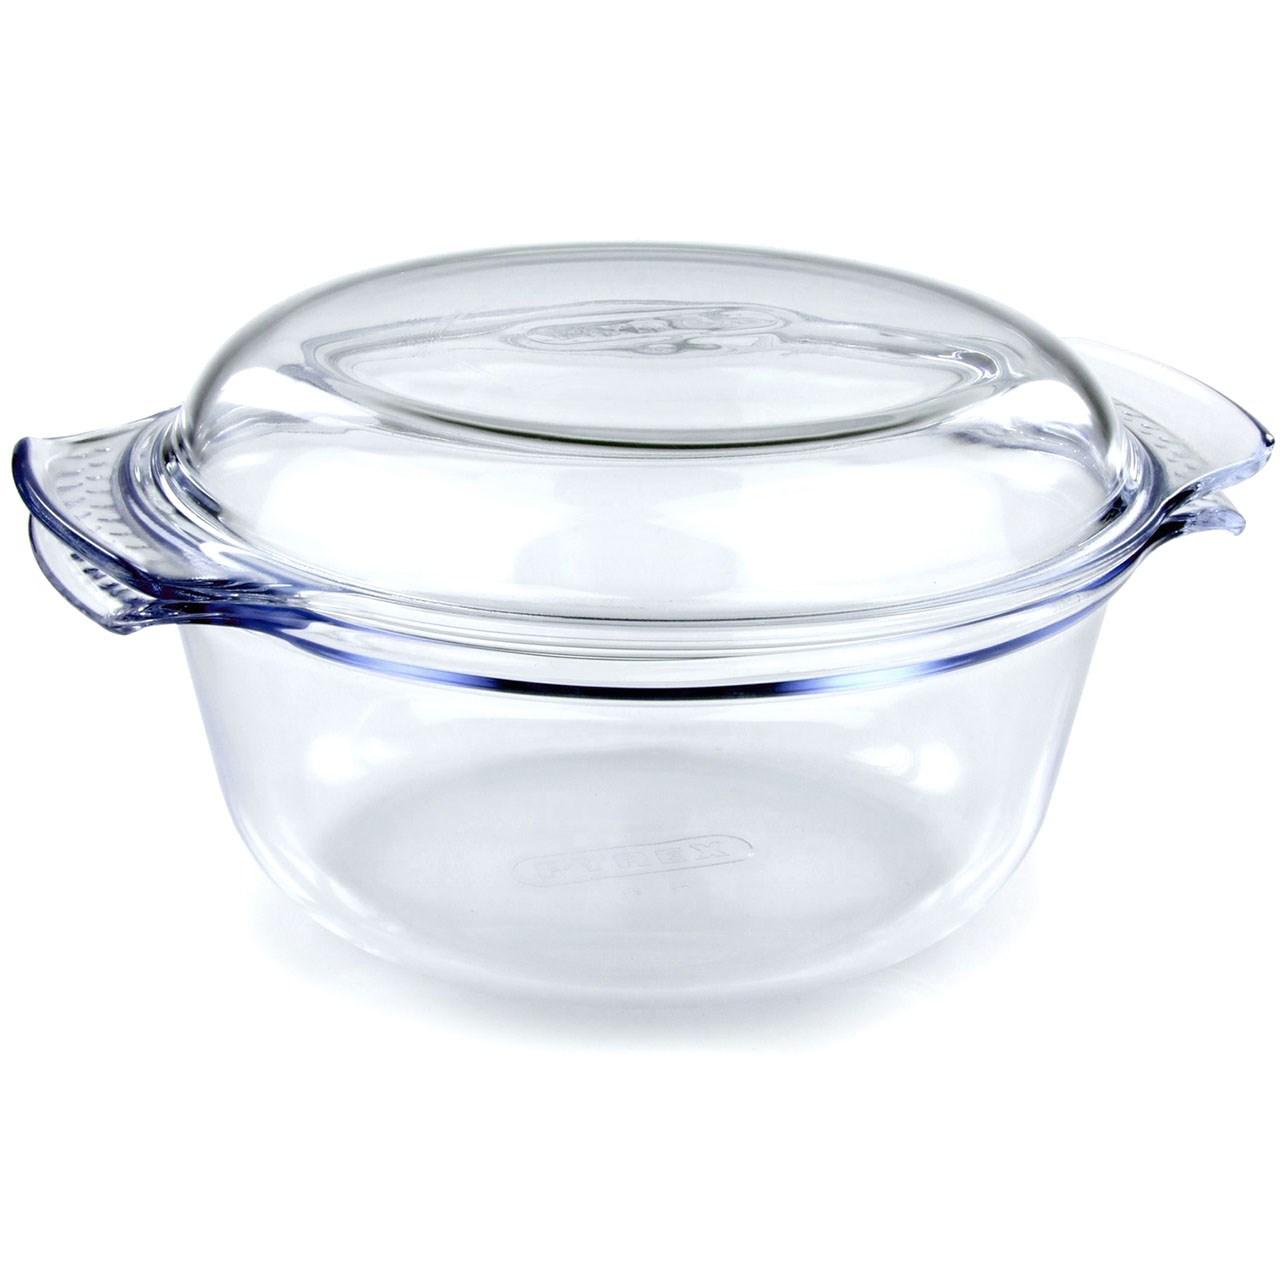 خوراک پز پیرکس مدل Round حجم 1.5 لیتر